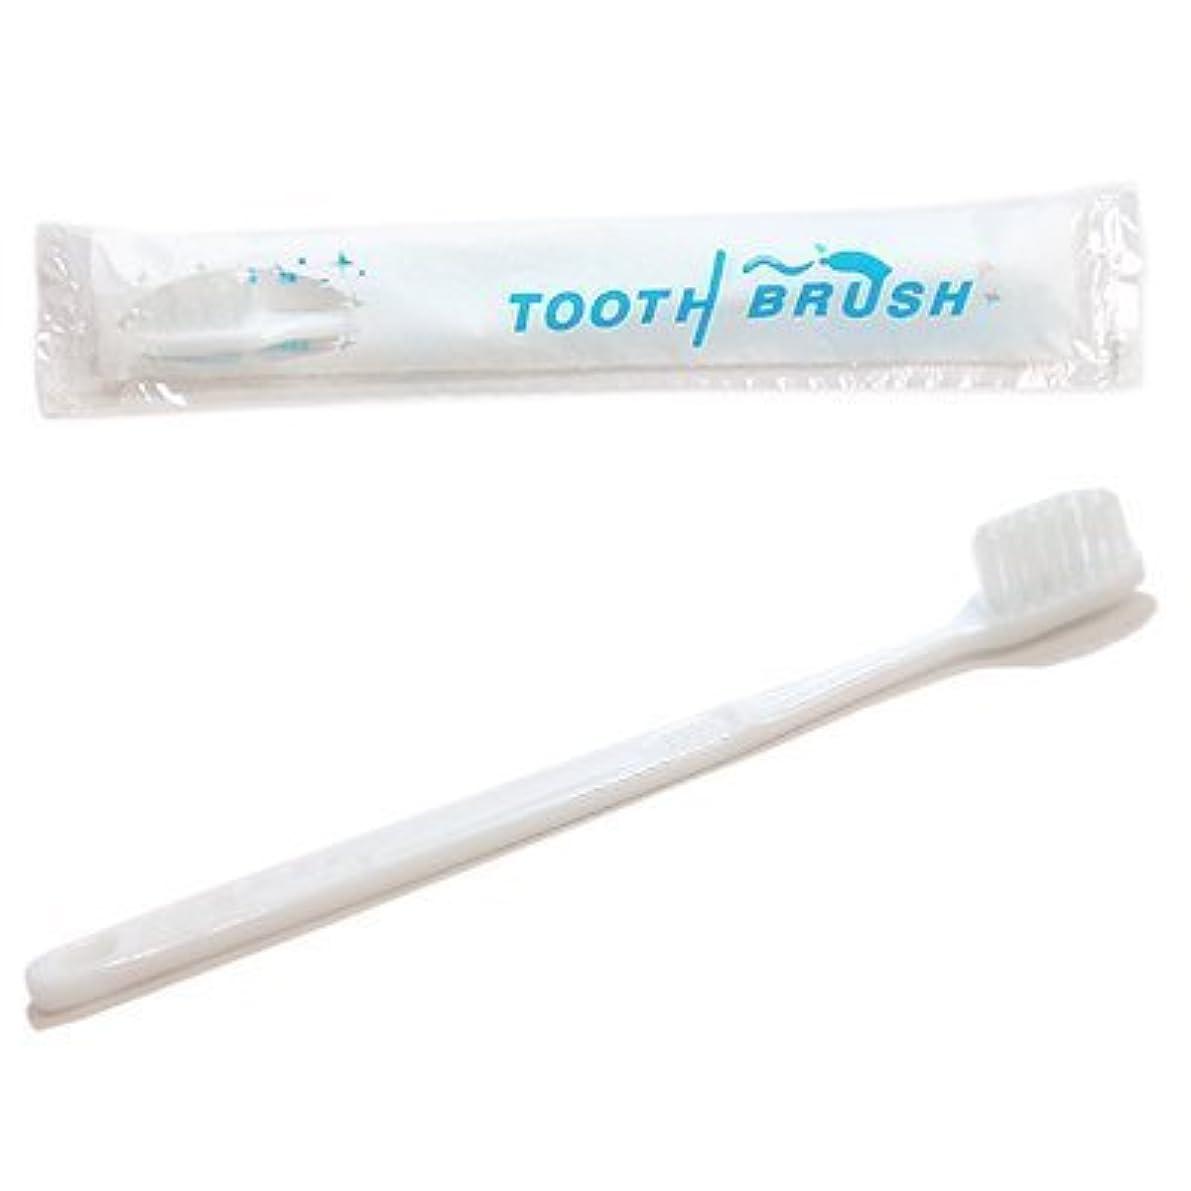 講堂探す羨望使い捨て 粉付き歯ブラシ ケース売り (200本入り)